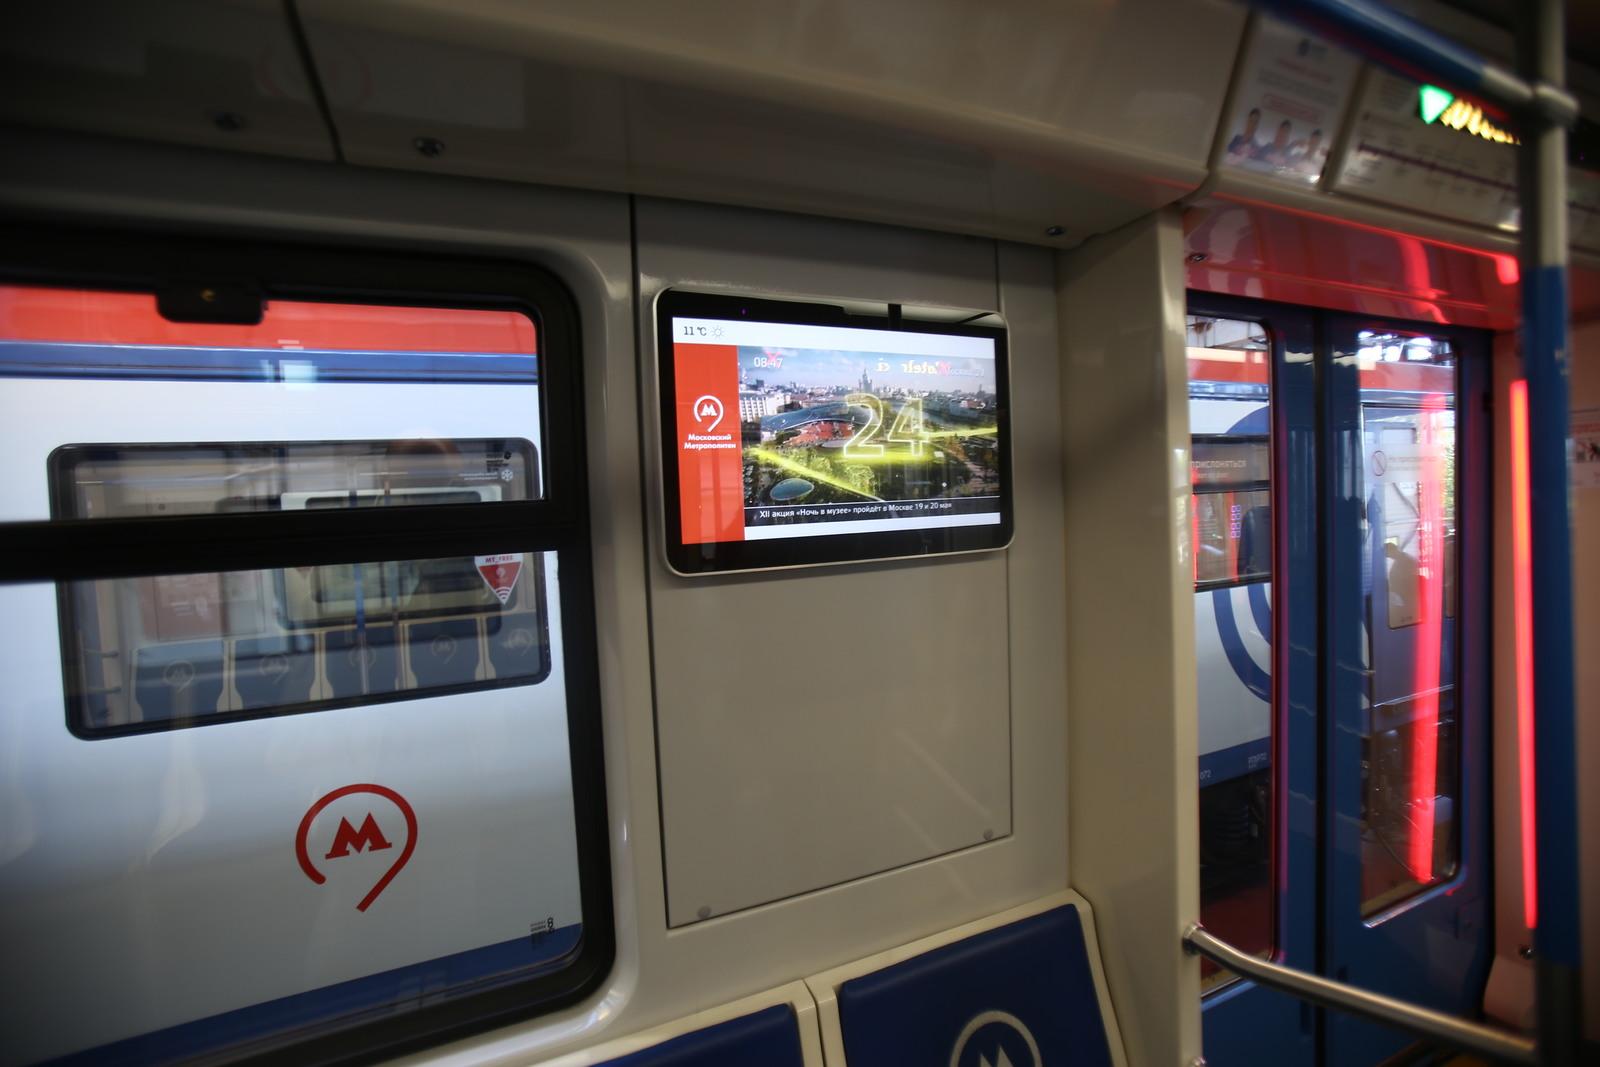 В Московском метро теперь можно смотреть телевизор